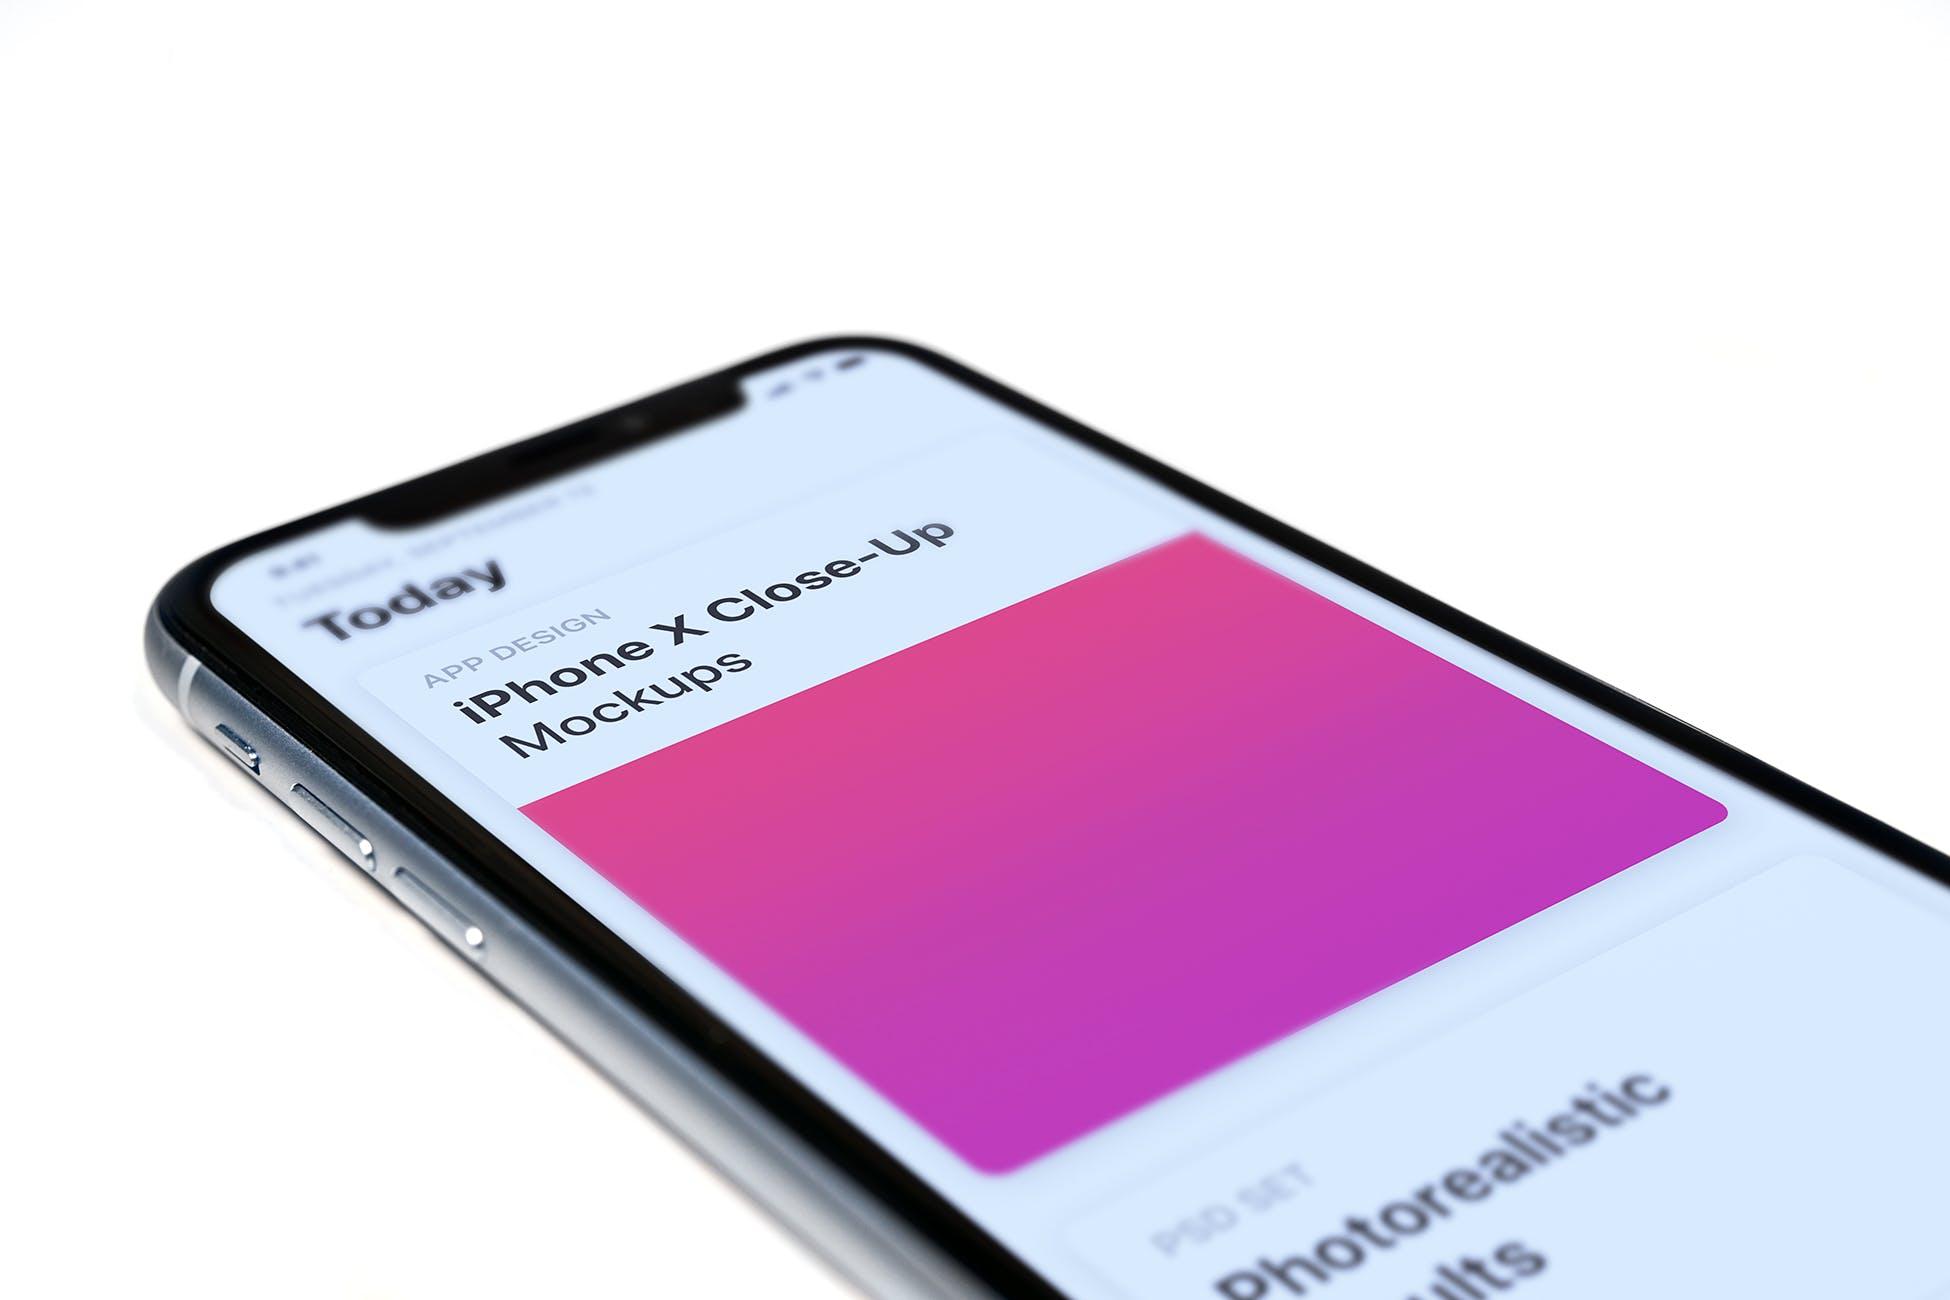 苹果手机写实模板素材展示样机iPhone App Mockup Close-Ups